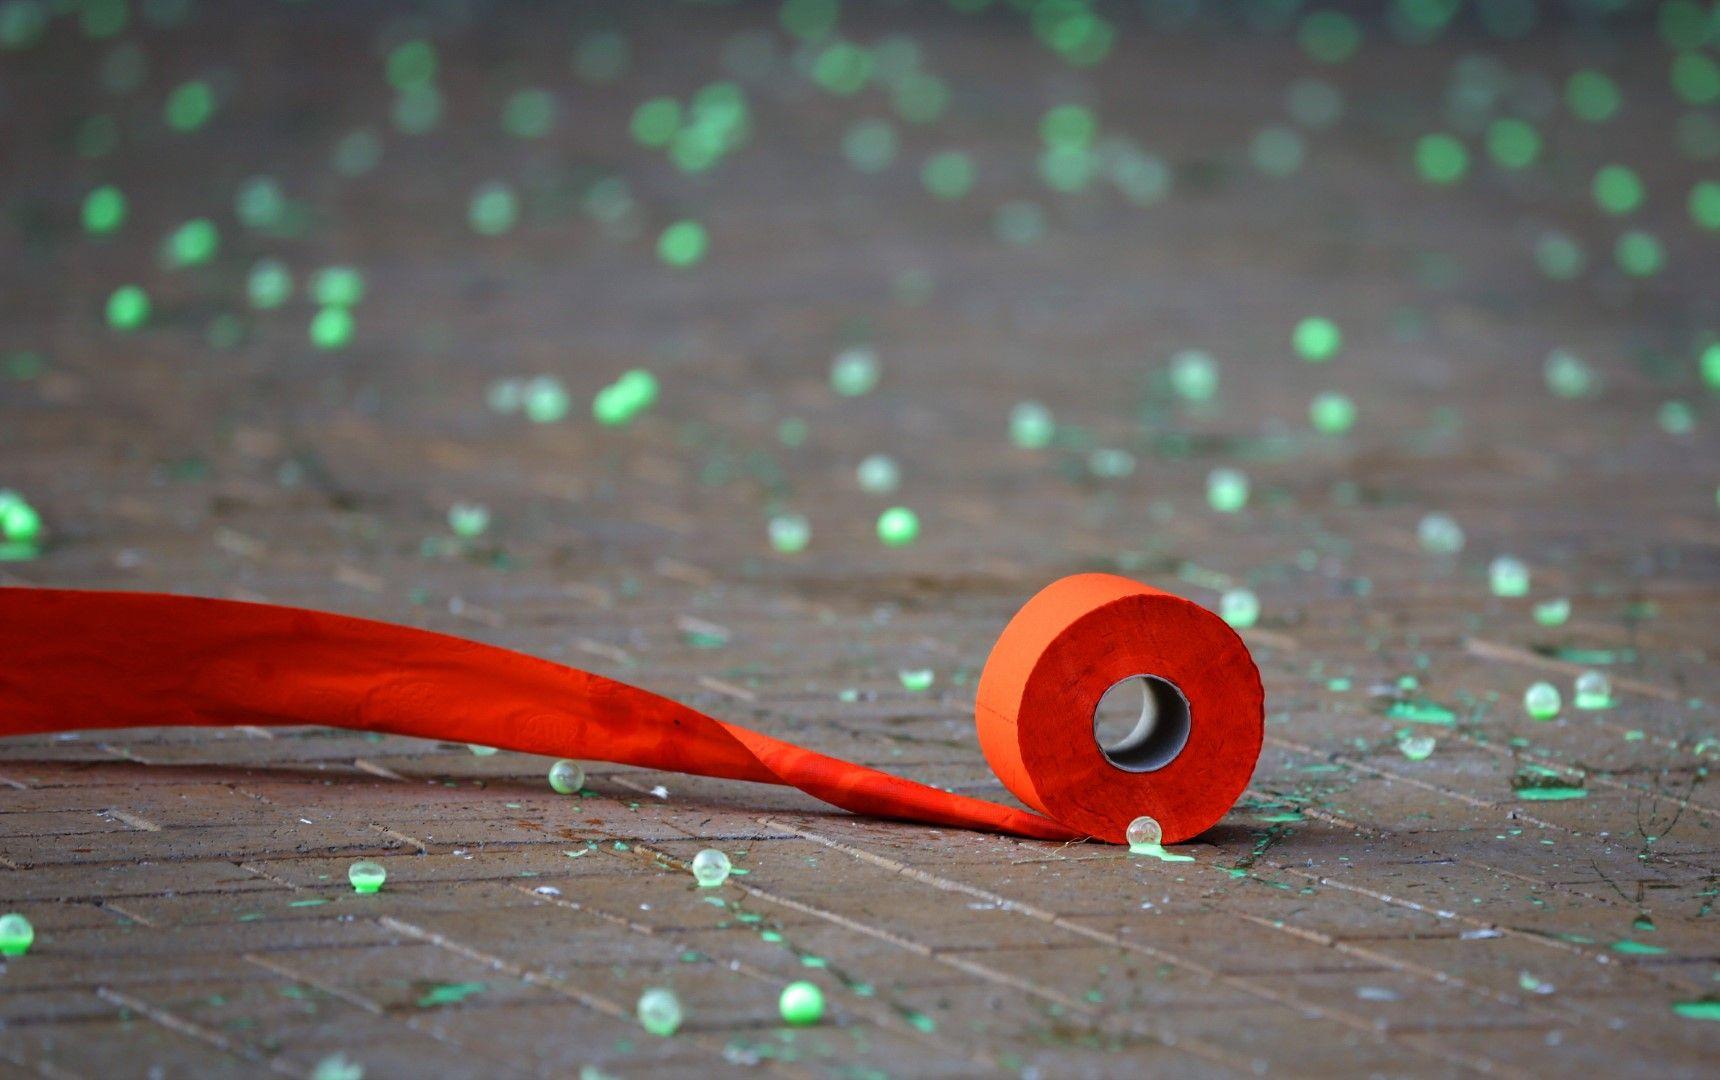 Протестиращи хвърляха по сградата на Министерския съвет зелени топчета за пейнтбол със зелена боя